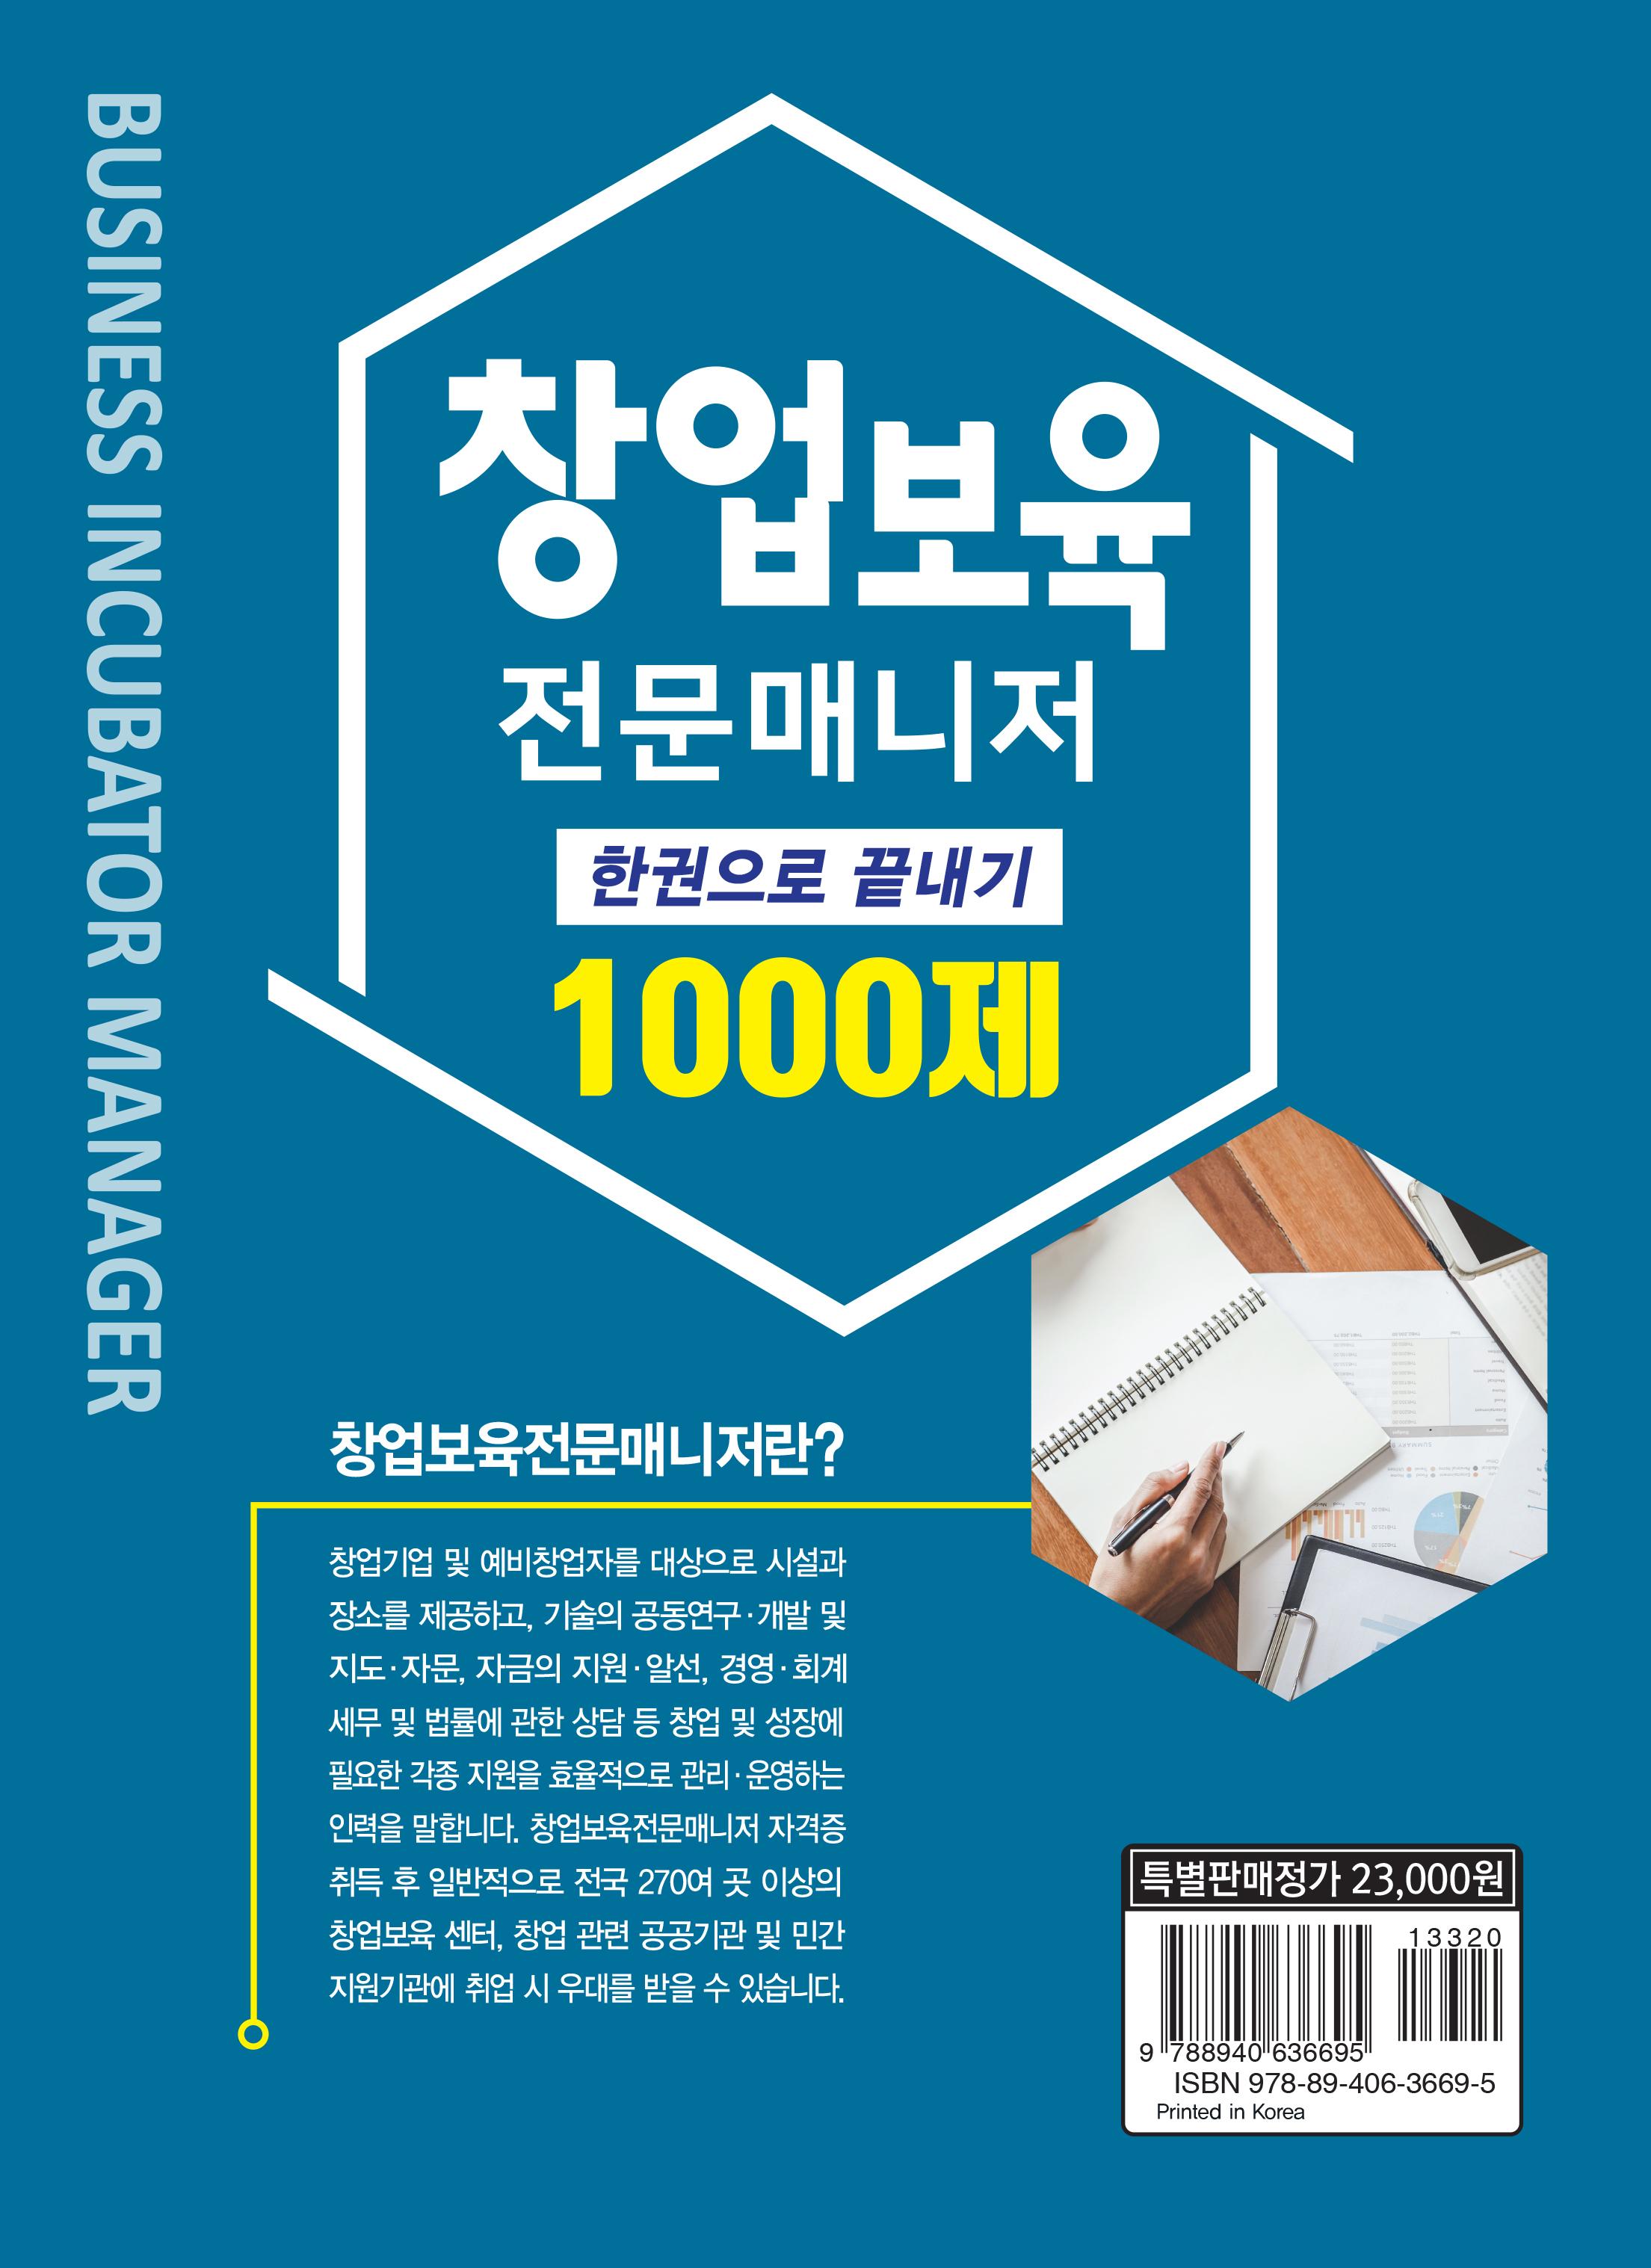 창업보육전문매니저 한권으로 끝내기 1000제 (개정4판 2쇄)